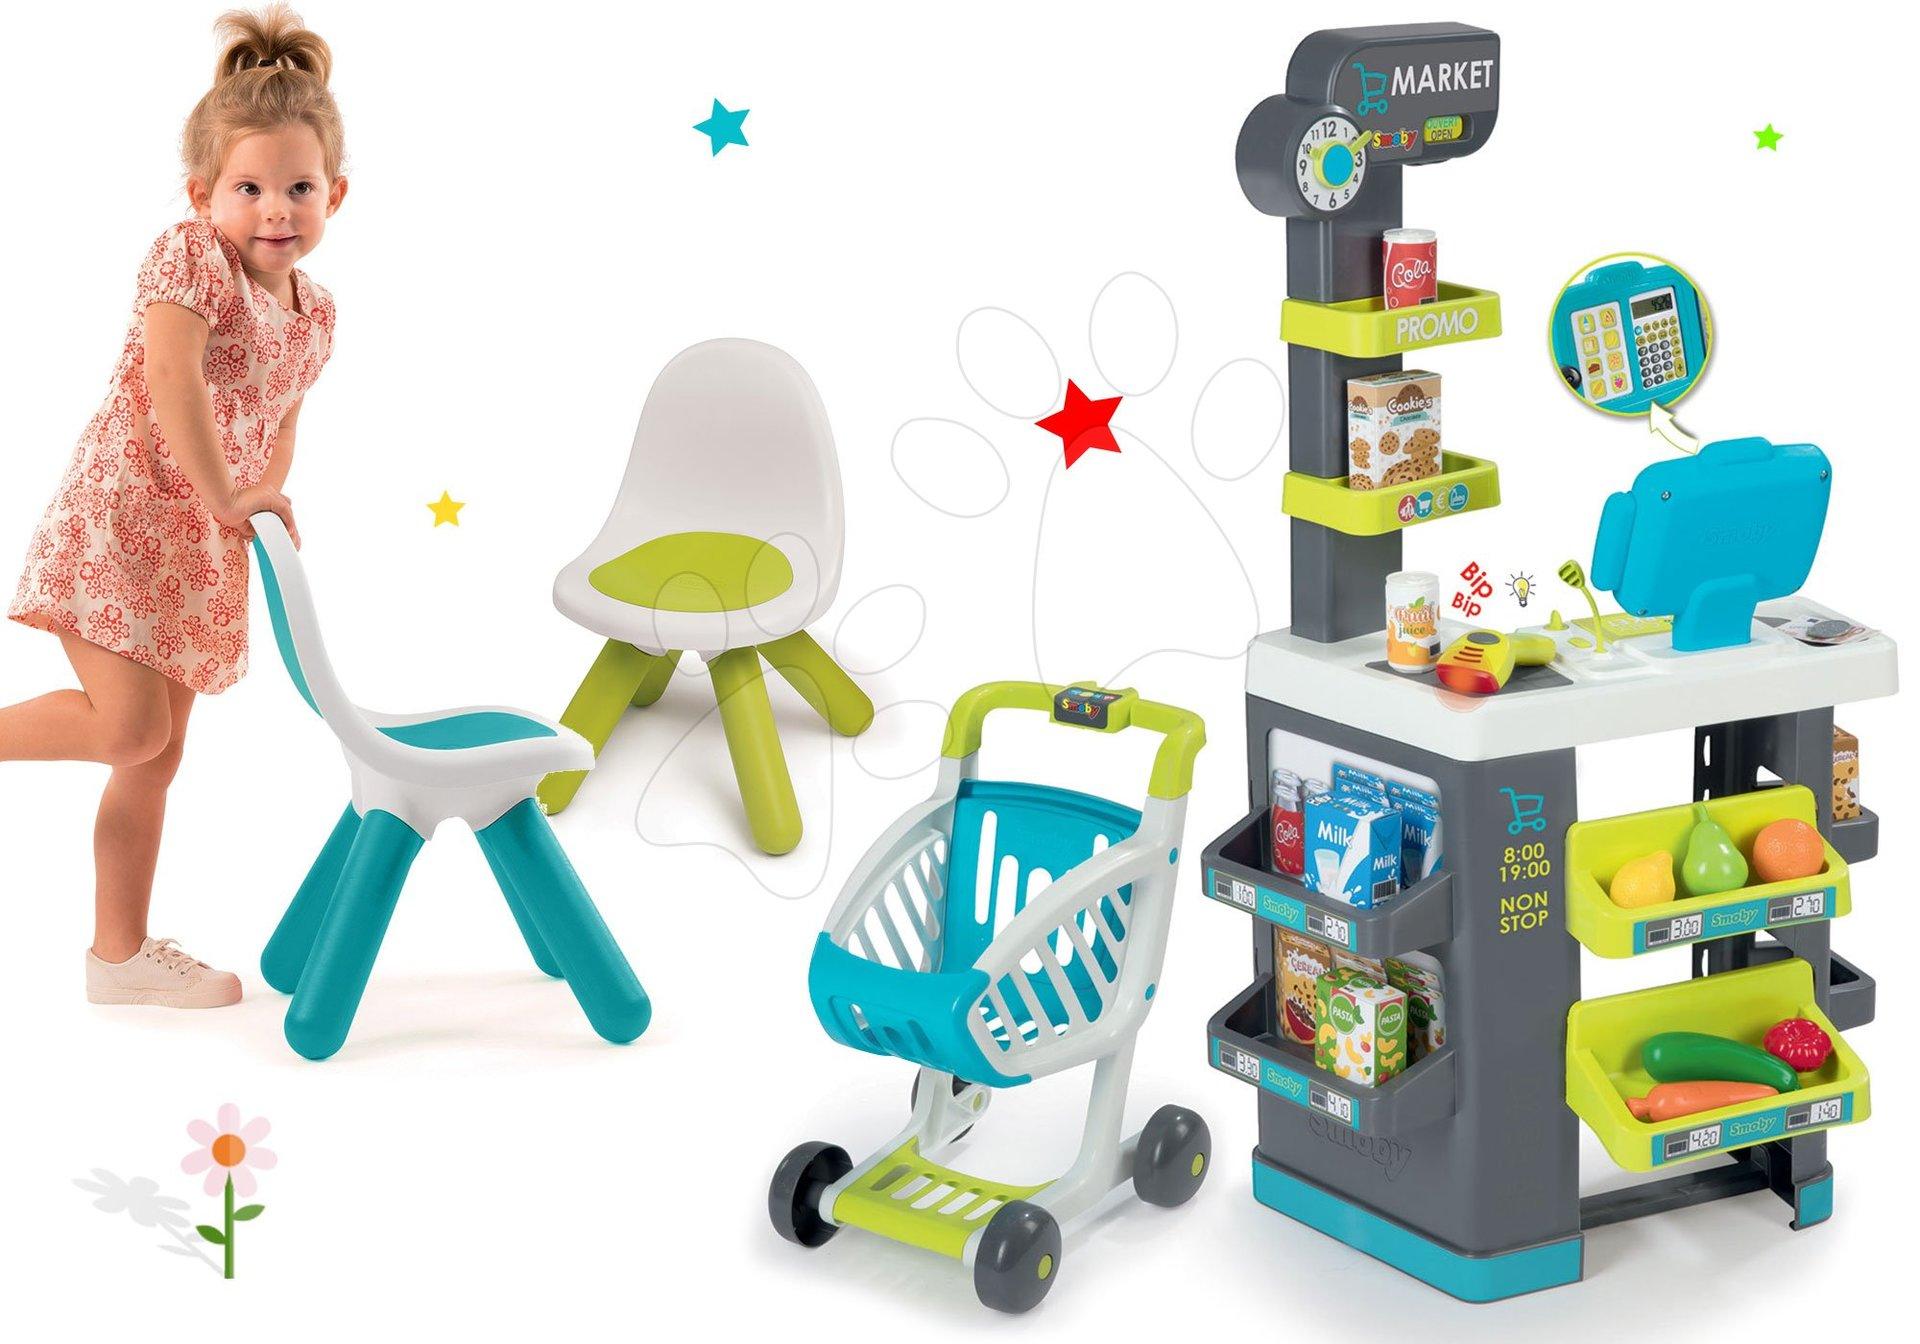 Smoby set obchod Market s elektronickou pokladňou a stoličkami KidChair 350212-20